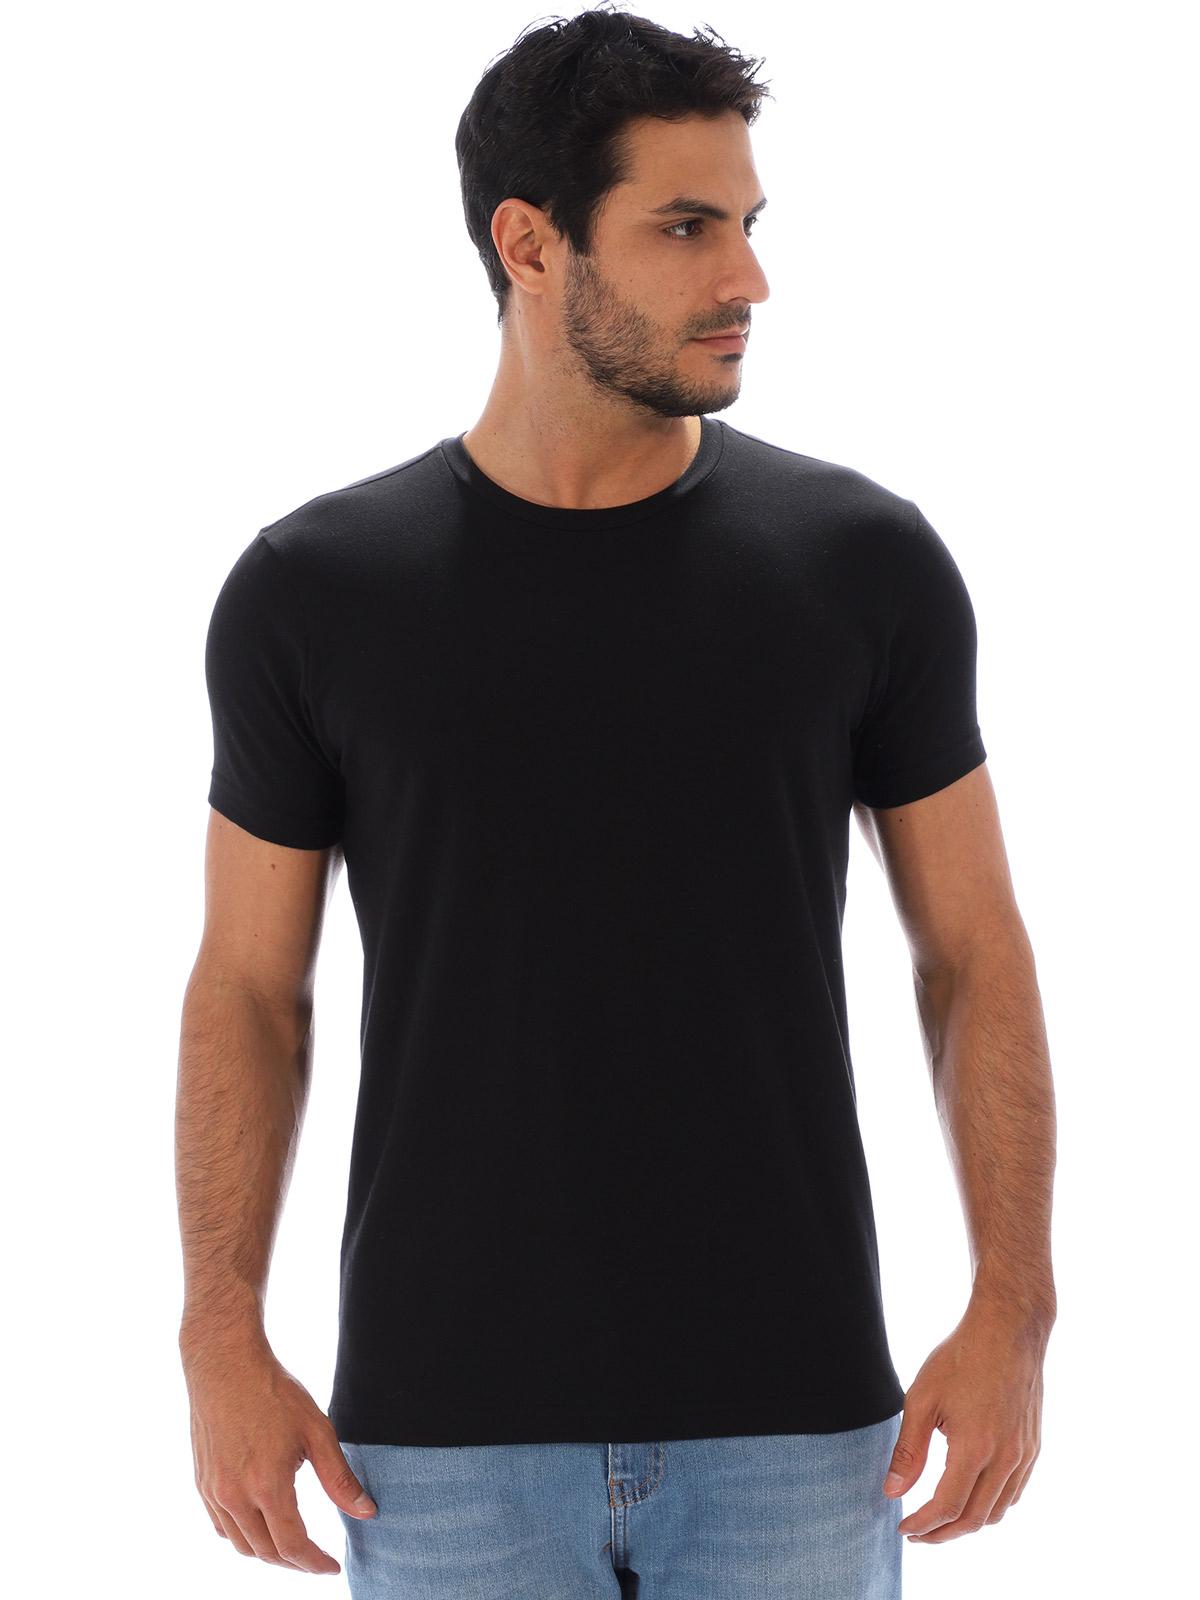 Camiseta Masculina Lisa Algodão Com Elastano Fit Preta